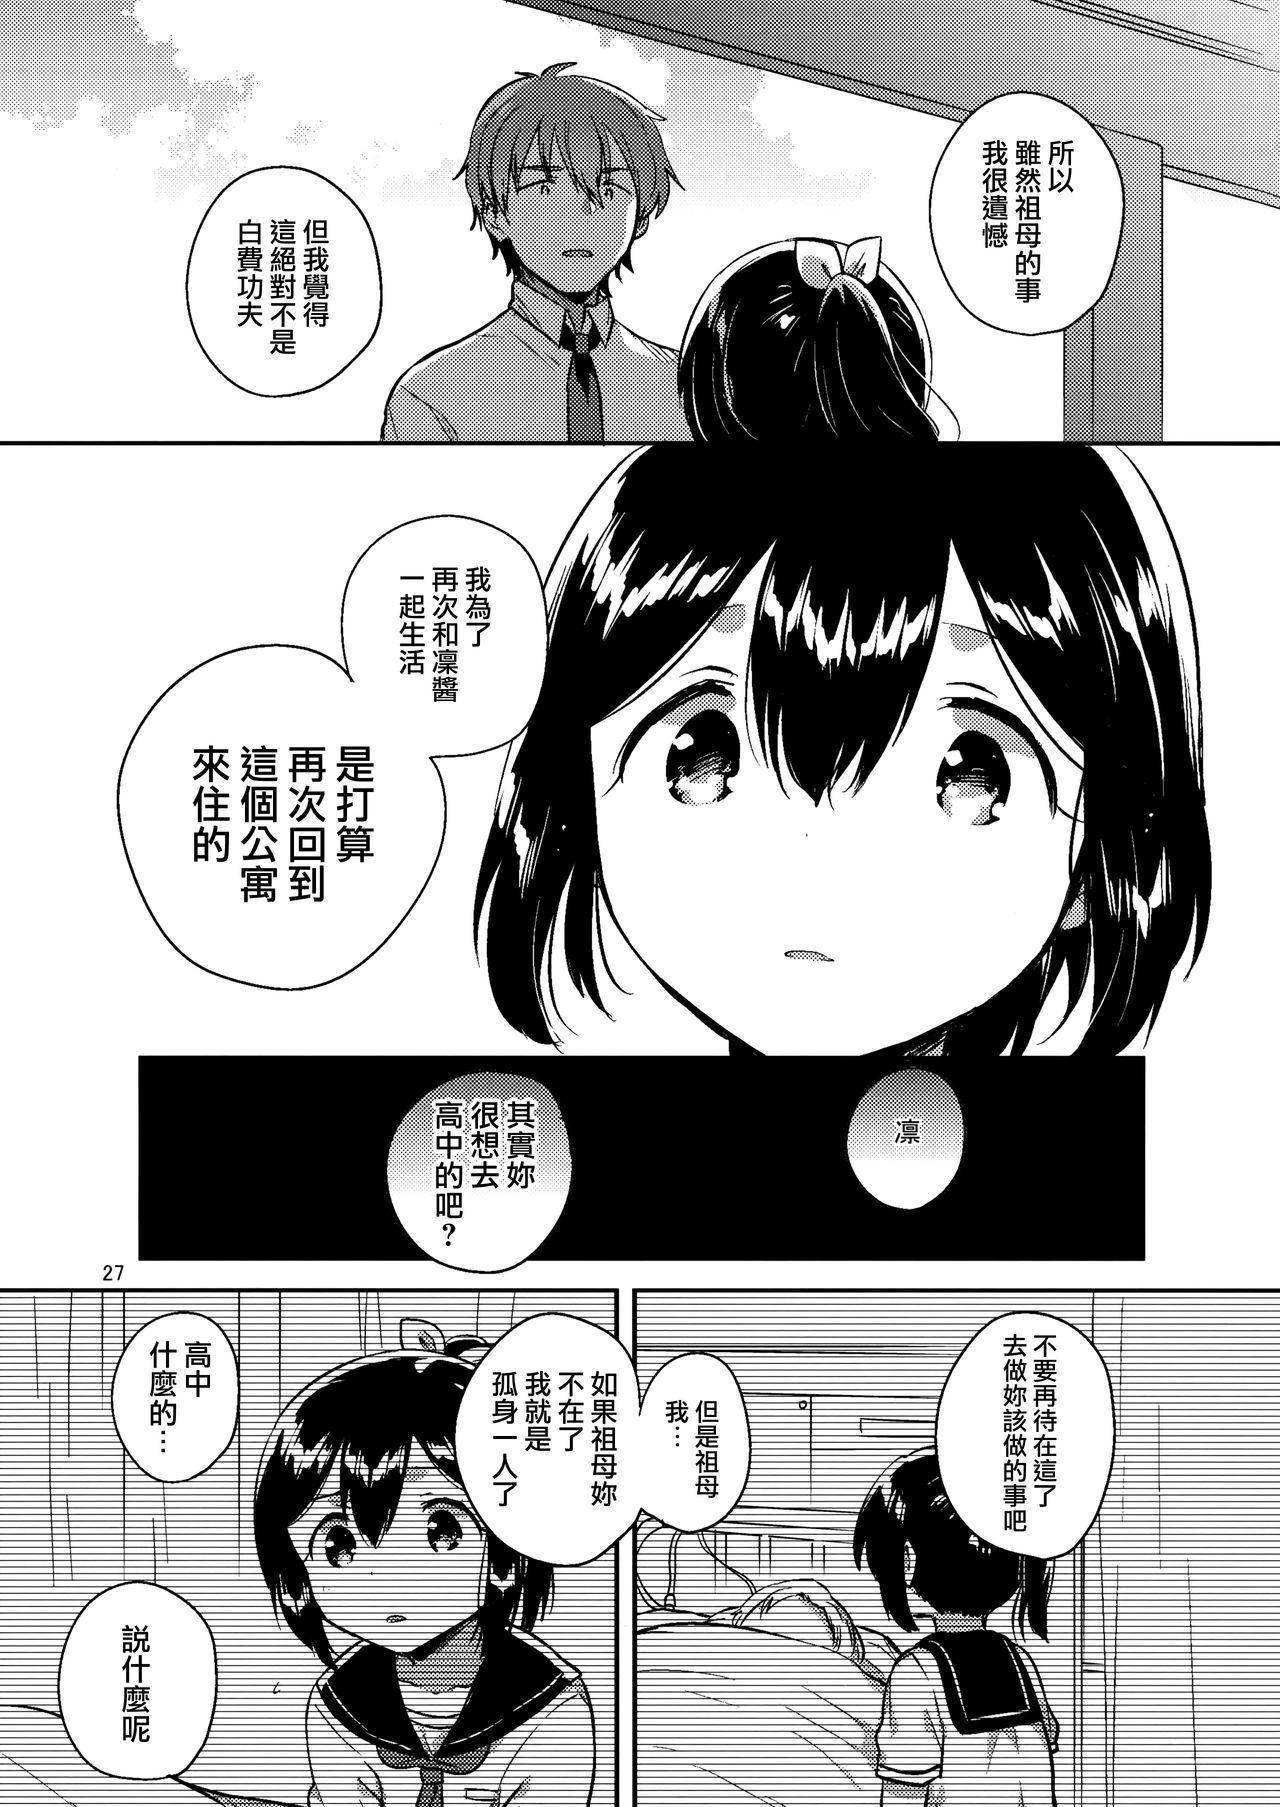 300 Manen Hoshii! + Kaijou Gentei Omakebon 26